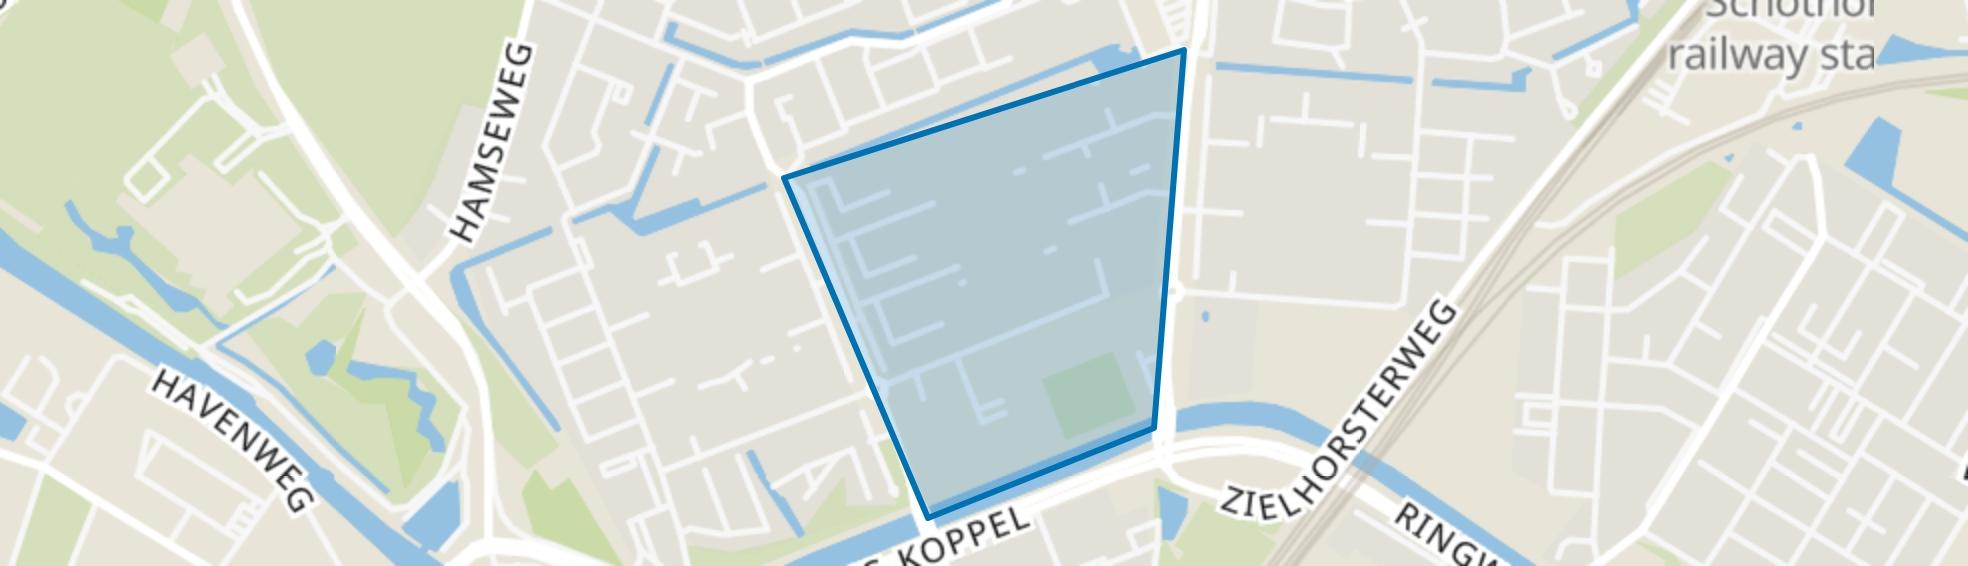 De Plaatsen, Amersfoort map